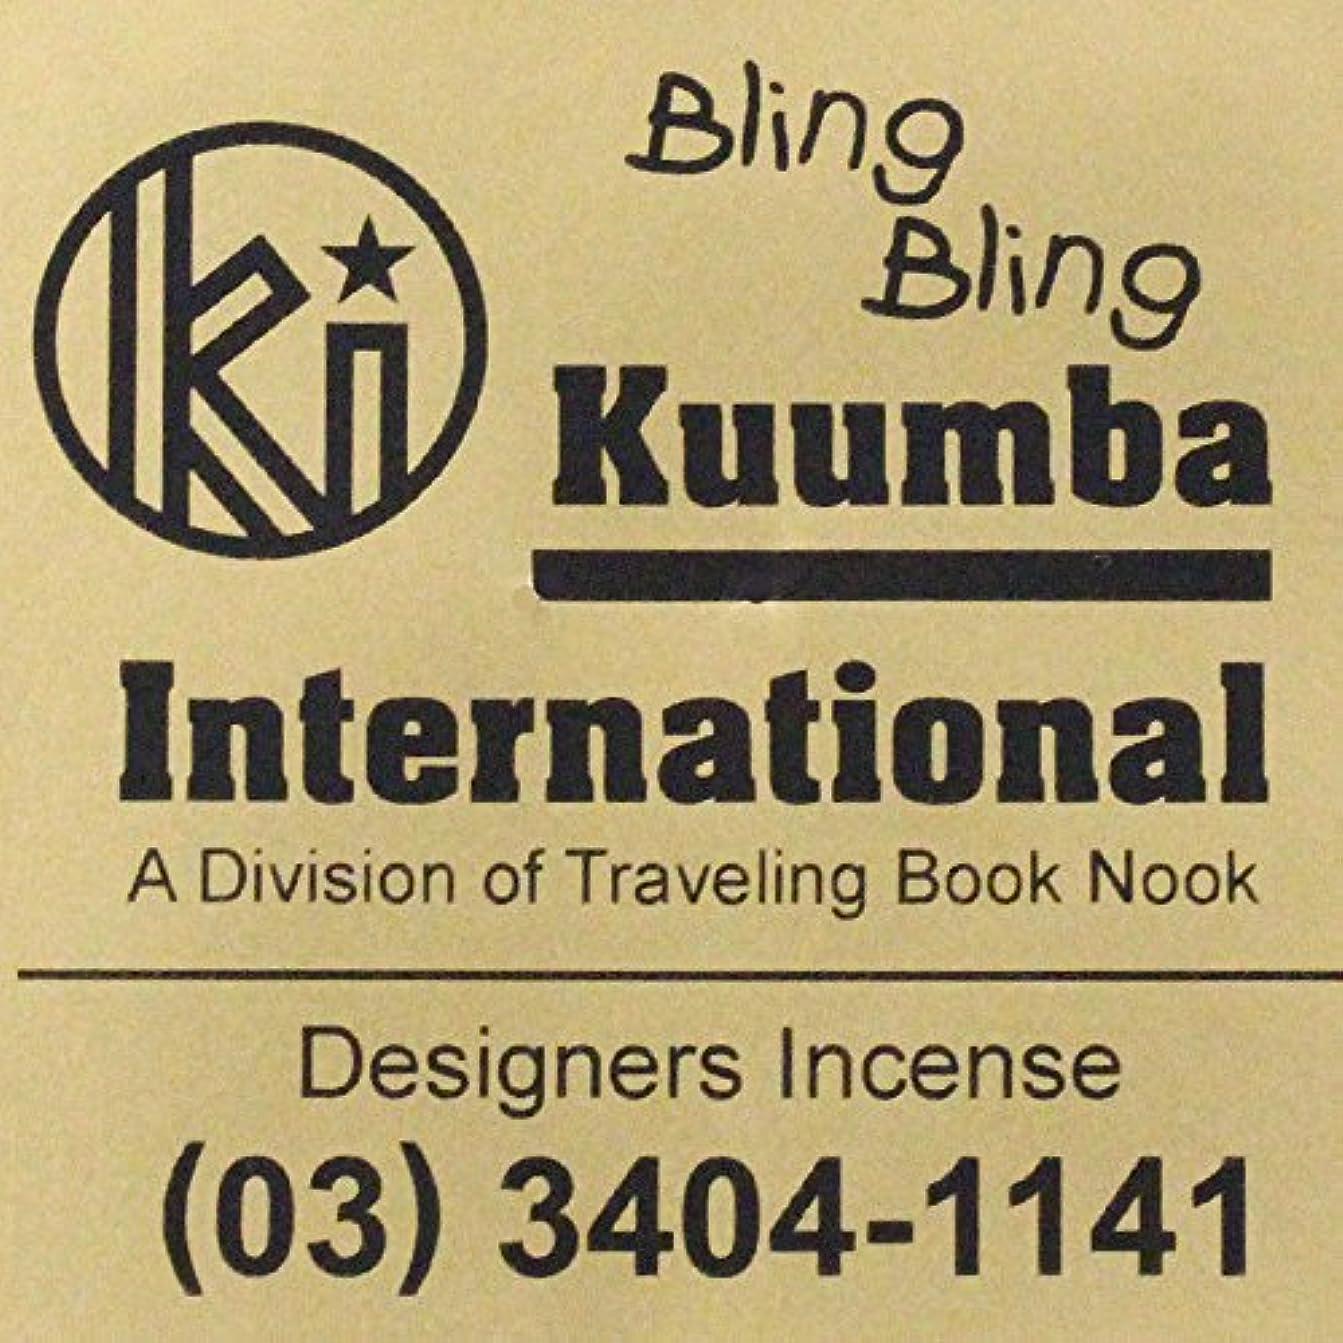 大事にする近傍レンド(クンバ) KUUMBA『incense』(Bling Bling) (Regular size)